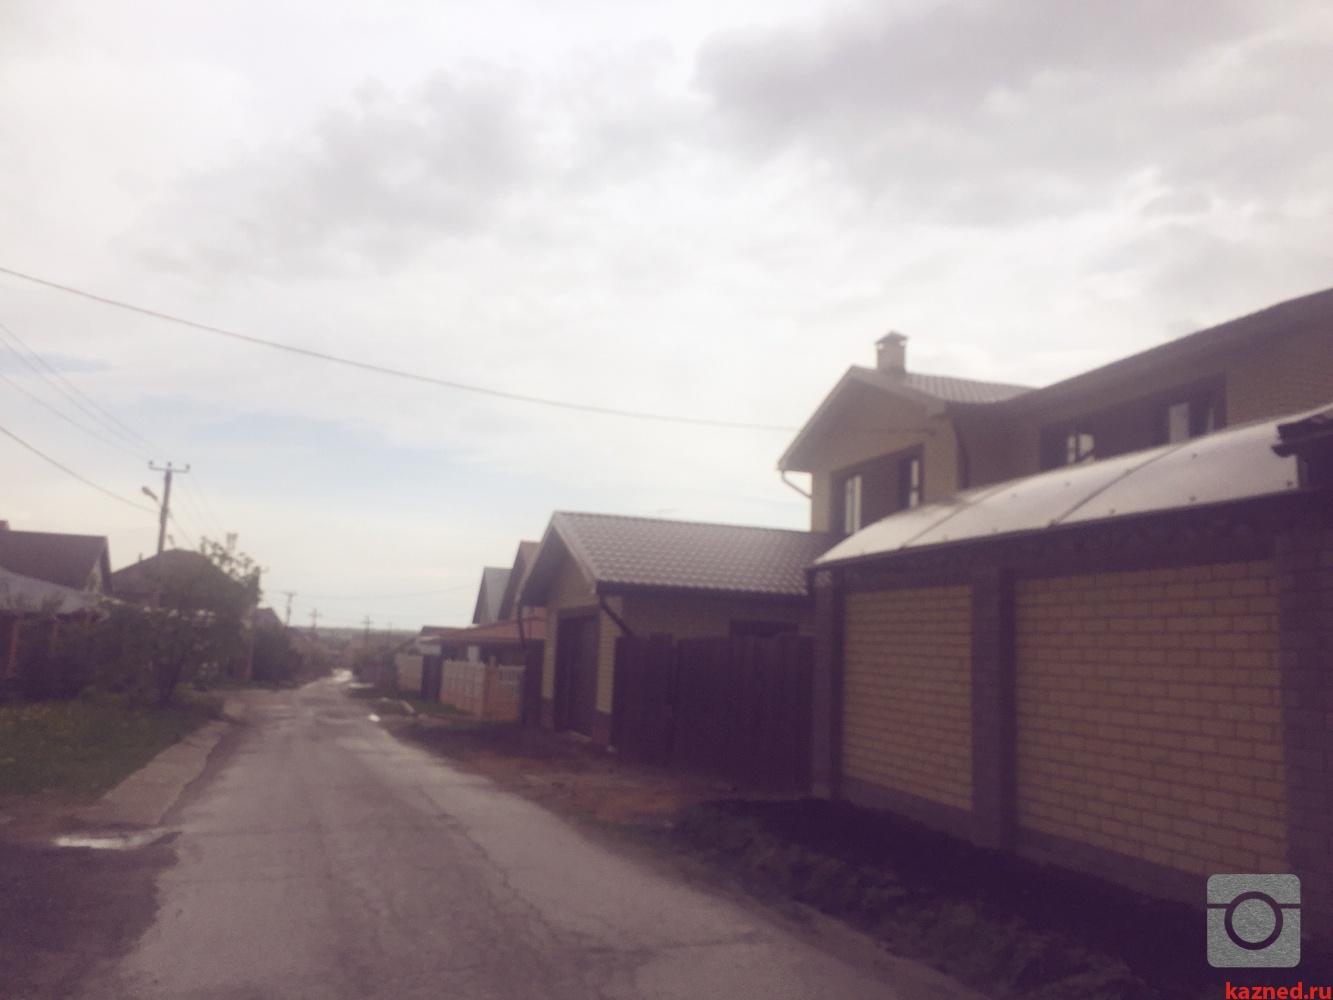 Продажа  дома вознесение, ул Грачиная, 200 м²  (миниатюра №21)